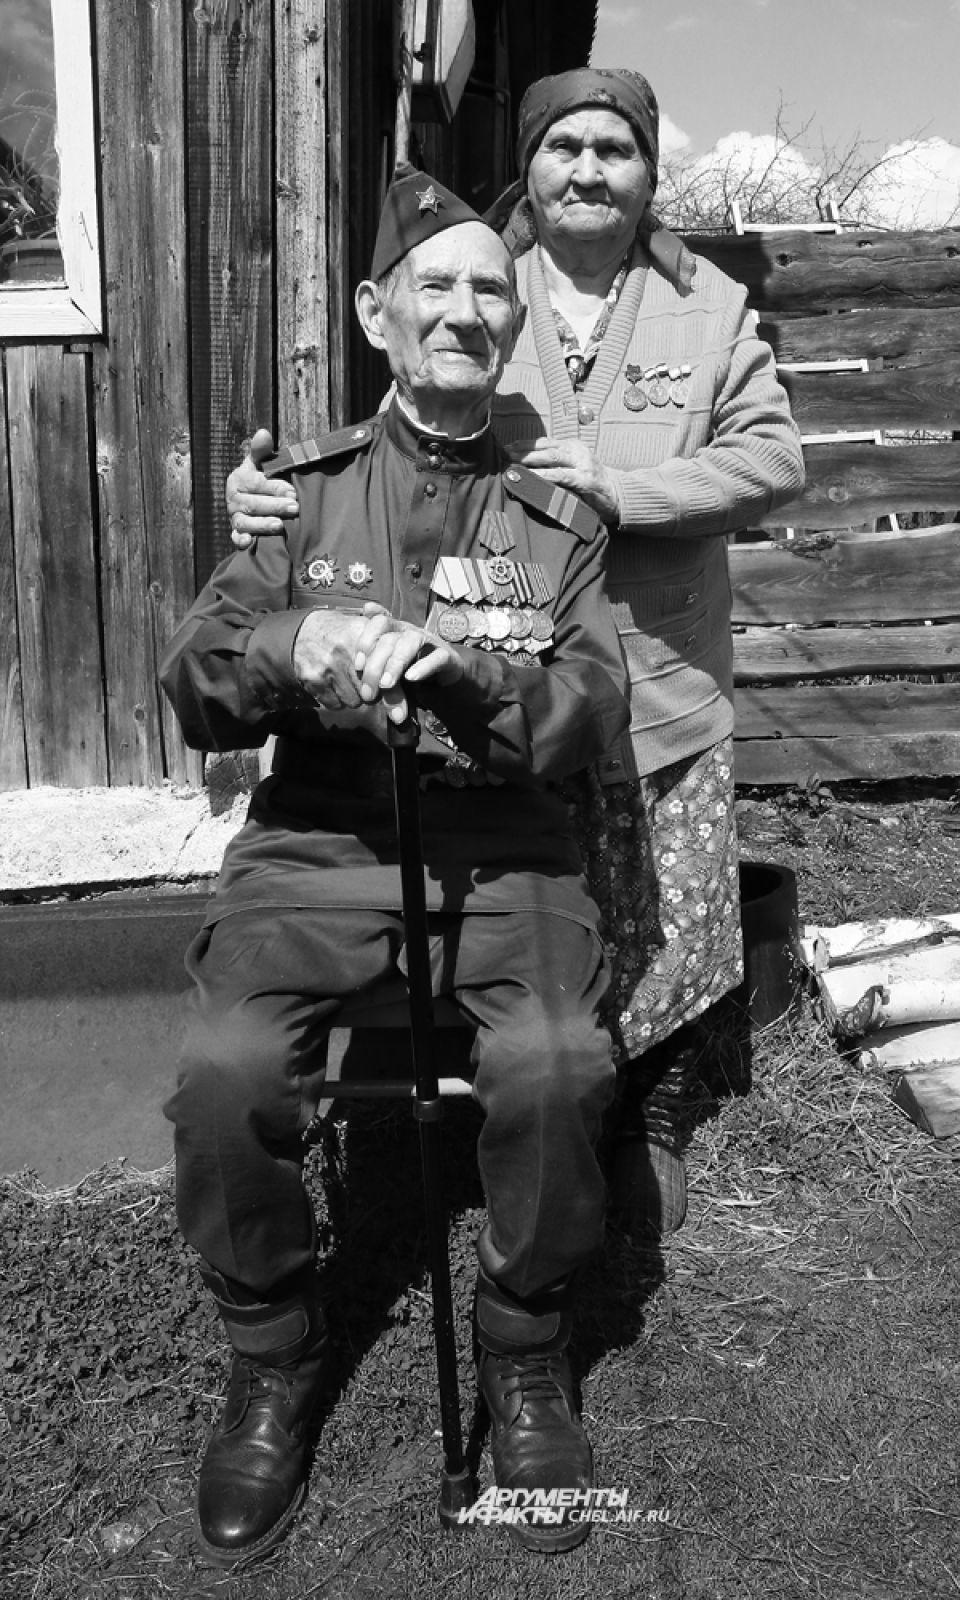 89-летний Гельмитдин Хисамович – последний ветеран Сосновского района, непосредственно сражавшийся с фашистами во время Великой Отечественной войны.